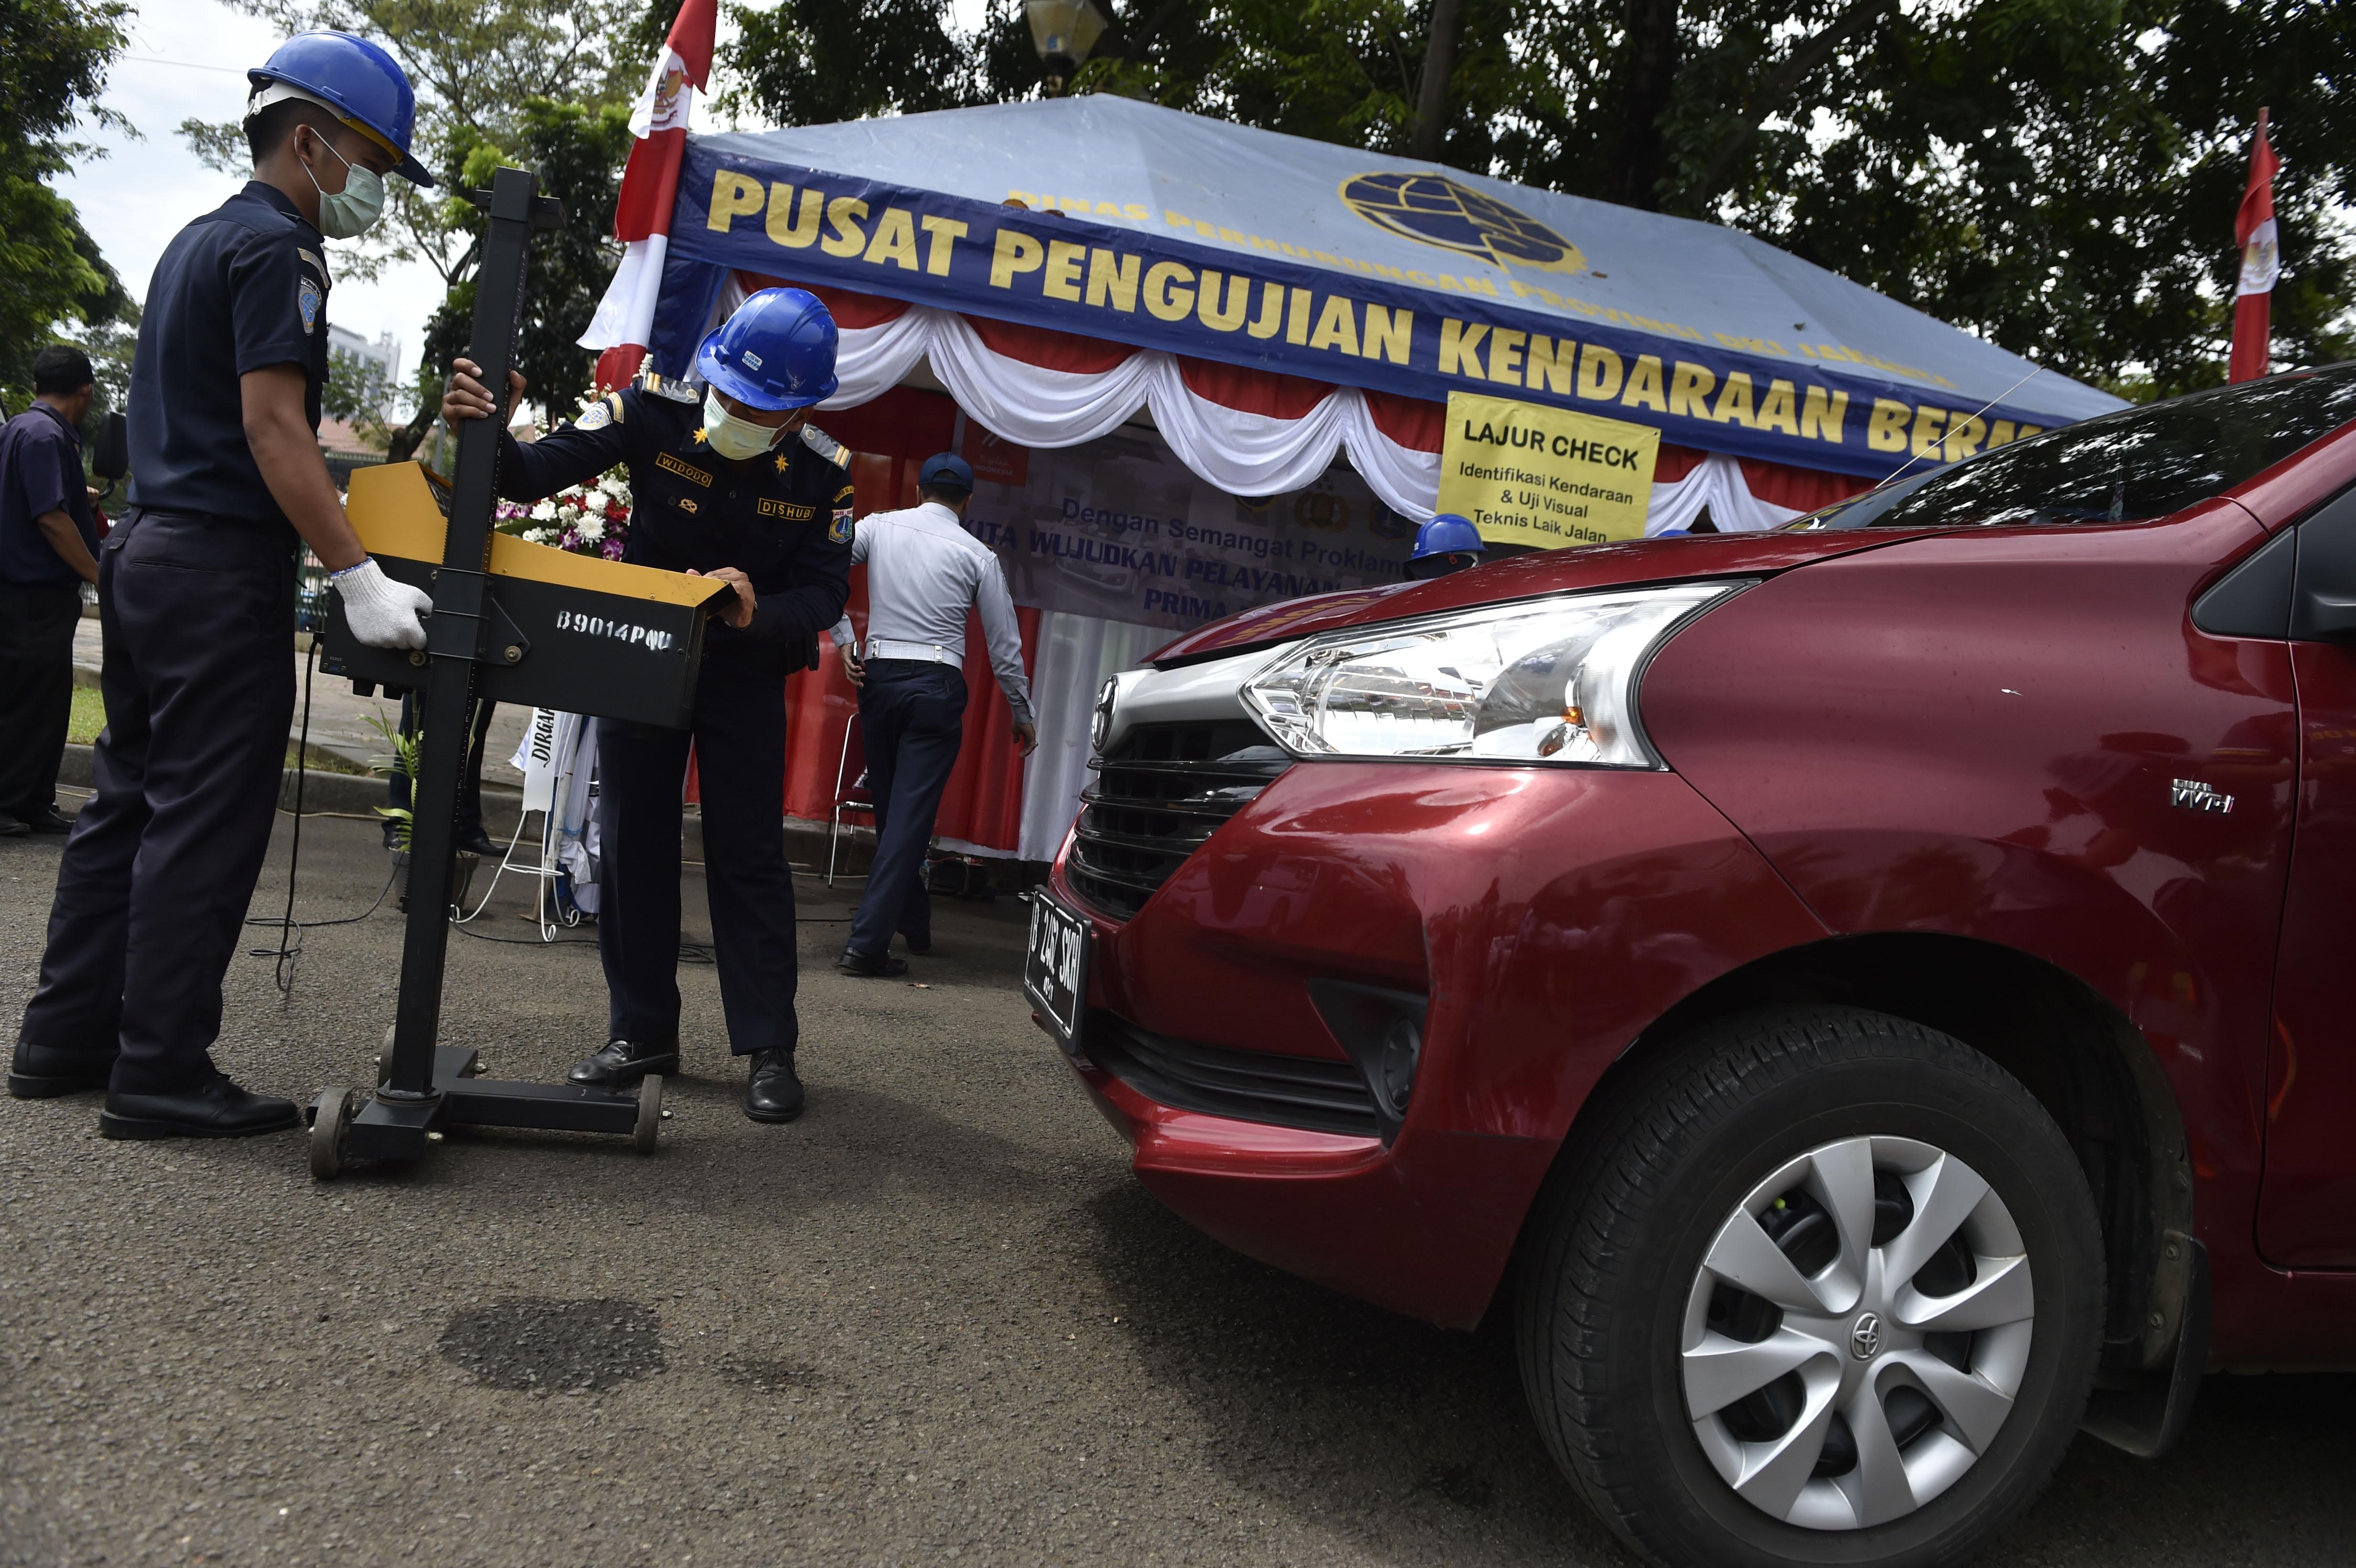 Petugas melakukan pengecekan kendaraan saat berlangsung layanan uji SIM A Umum dan Ujian Berkala (KIR) angkutan umum berbasis online serta taksi umum di Silang Monas, Jakarta, pada 15 Agustus 2016. Foto oleh Puspa Perwitasari/Antara